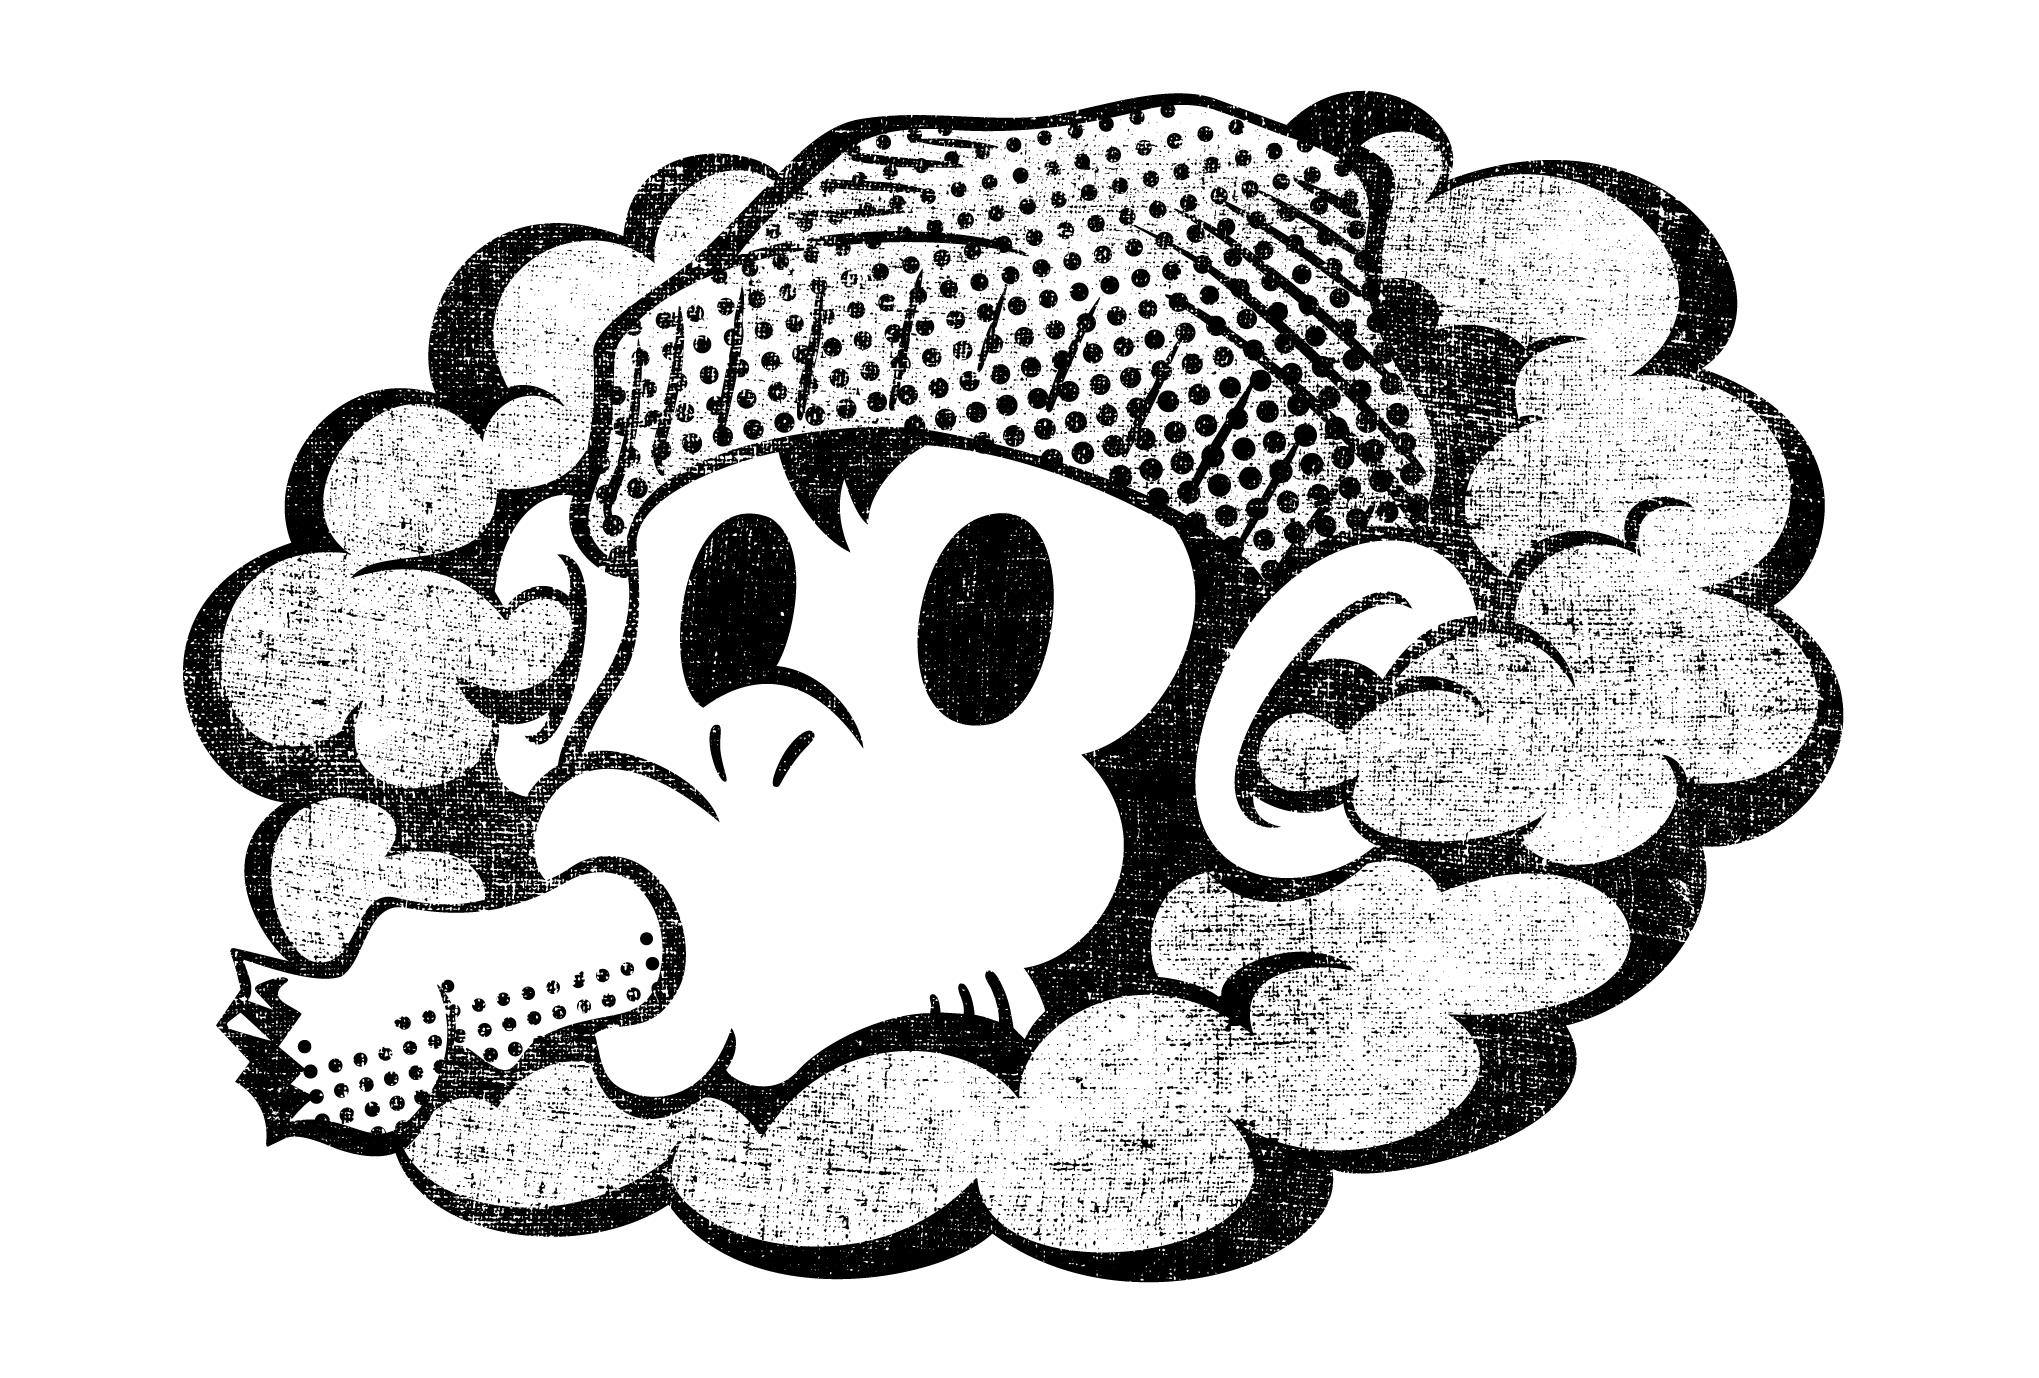 2016年賀状22-4:SMONKEY / blackのダウンロード画像